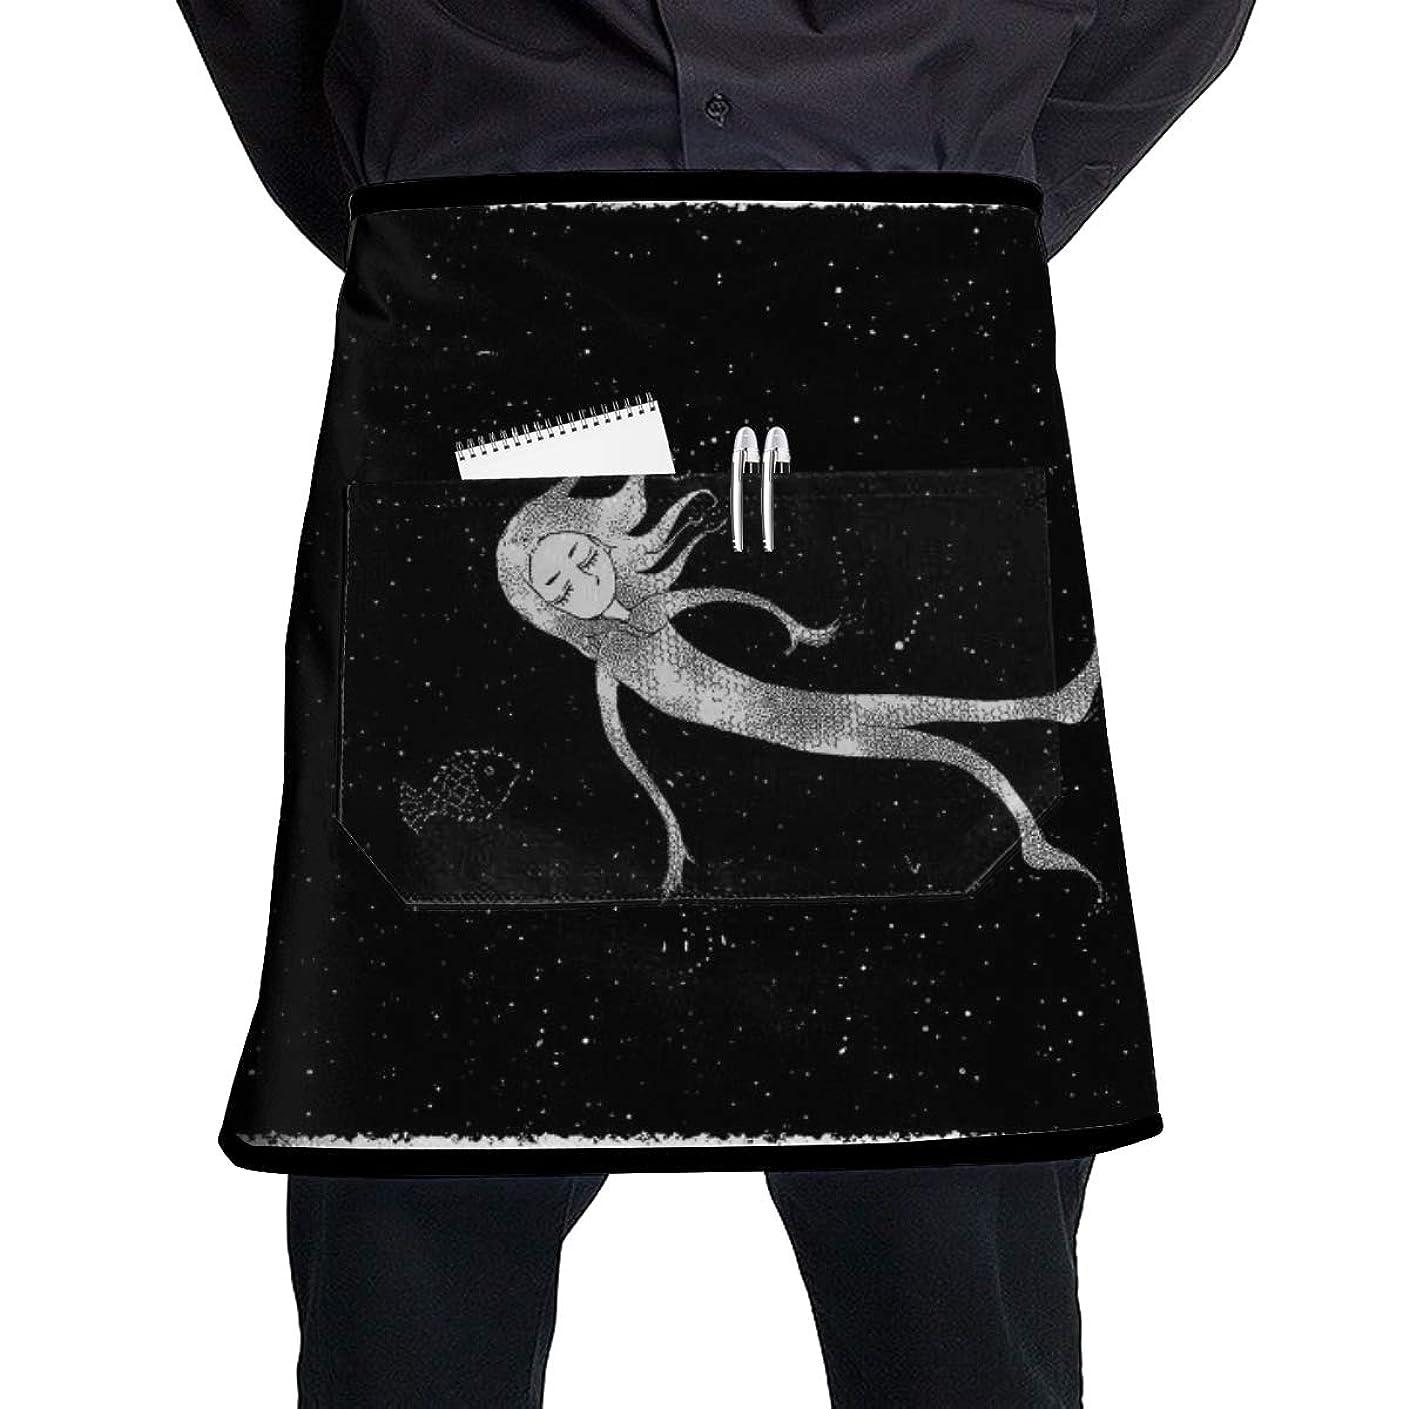 テセウス補助夫婦エプロン ショートエプロン 男性用 女性用 夢 美人魚 白黒 おしゃれ 黒 業務用 ポケット付 ソムリエ カフェ 飲食店 厨房 キッチン サロン 保育士 半身 かわいい 短い ショート エプロン 男女兼用 個性 YAMAYAGO